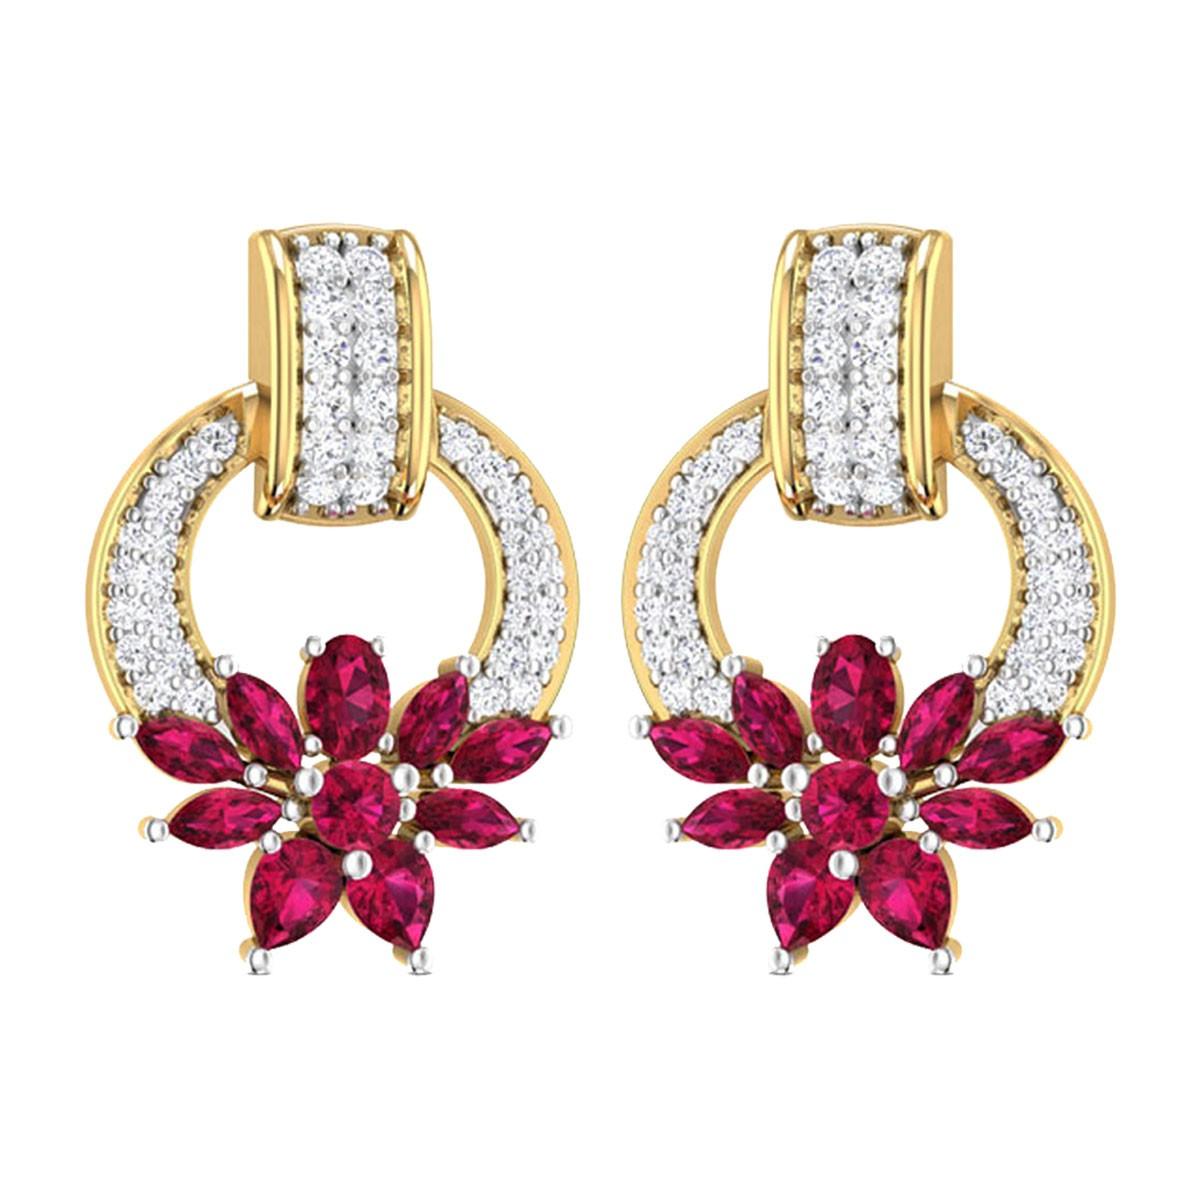 Floris Stud Earrings